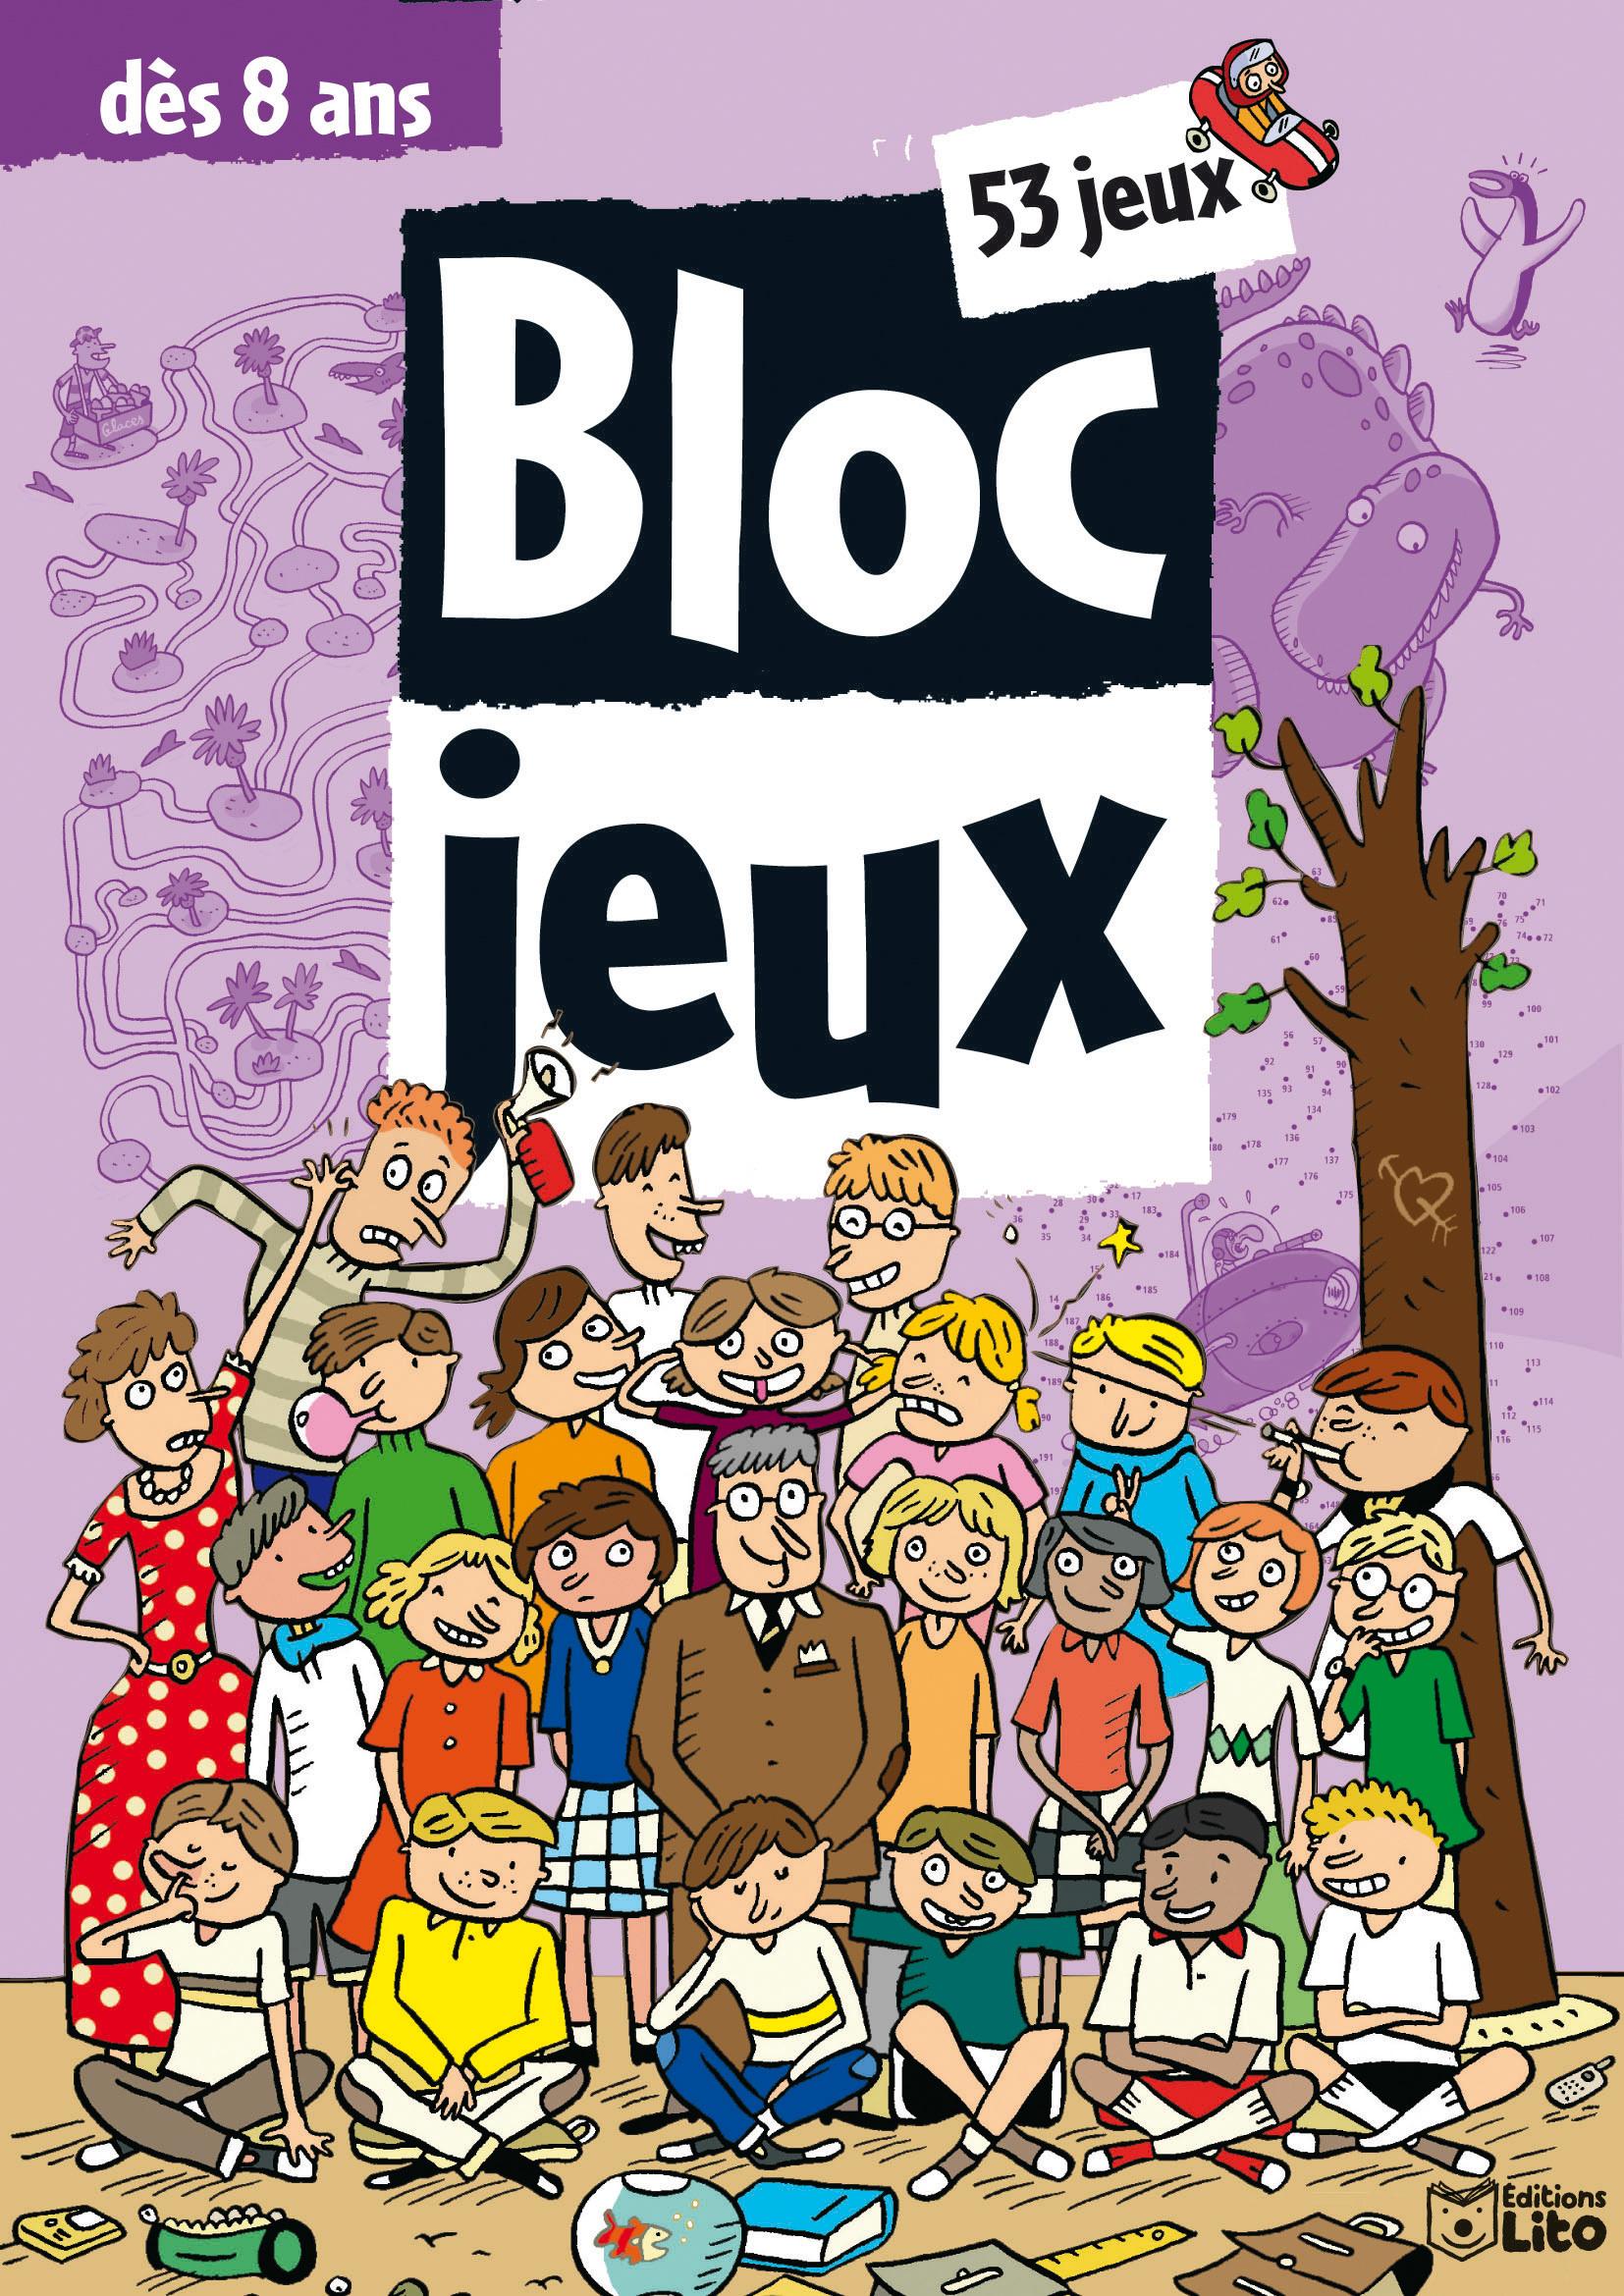 LES BLOCS JEUX : 53 JEUX DES 8 ANS